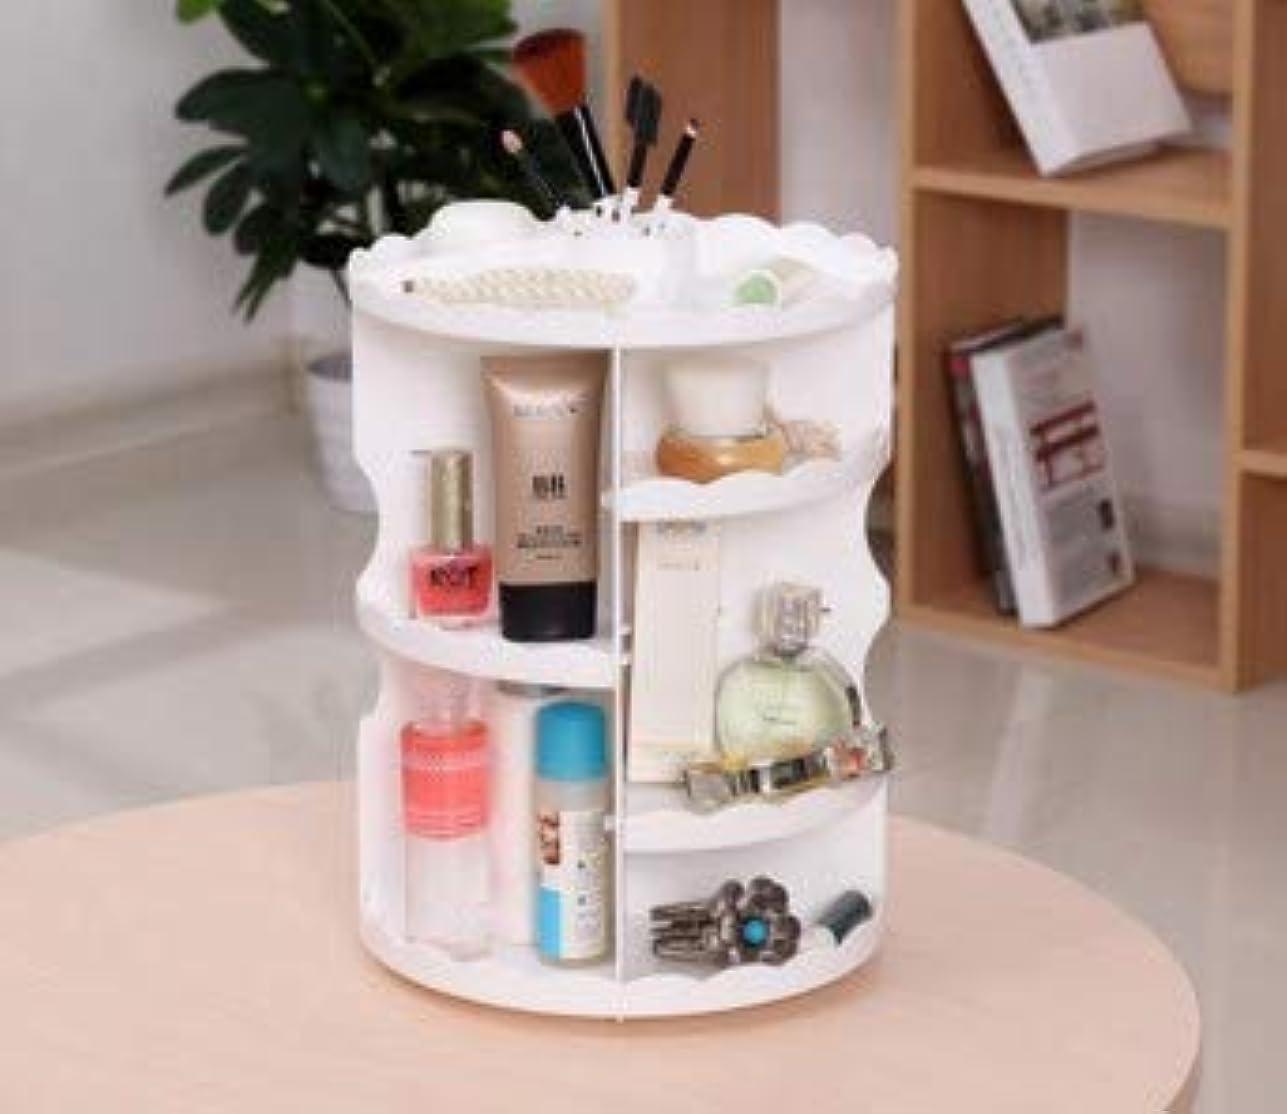 化粧品収納ボックスプラスチックデスクトップクリエイティブ家庭用化粧台仕上げ回転化粧品収納ラック (Color : ホワイト)